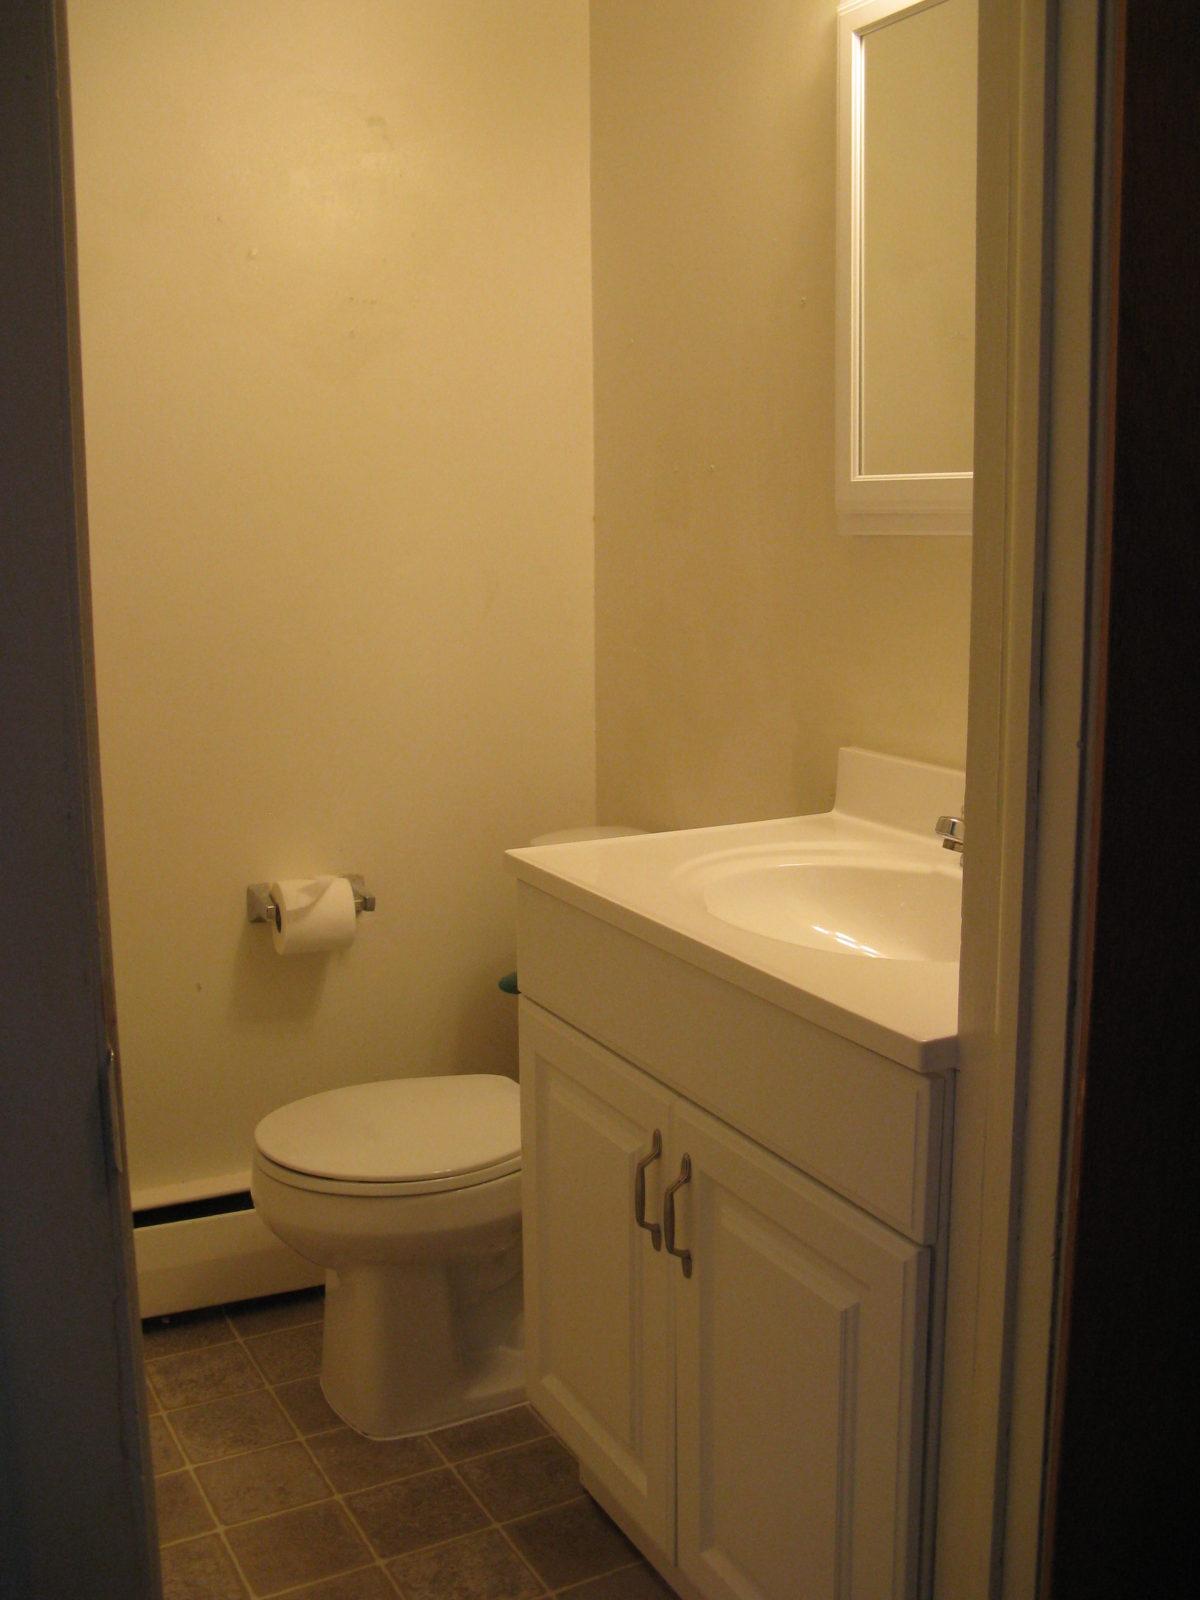 694 Bathroom